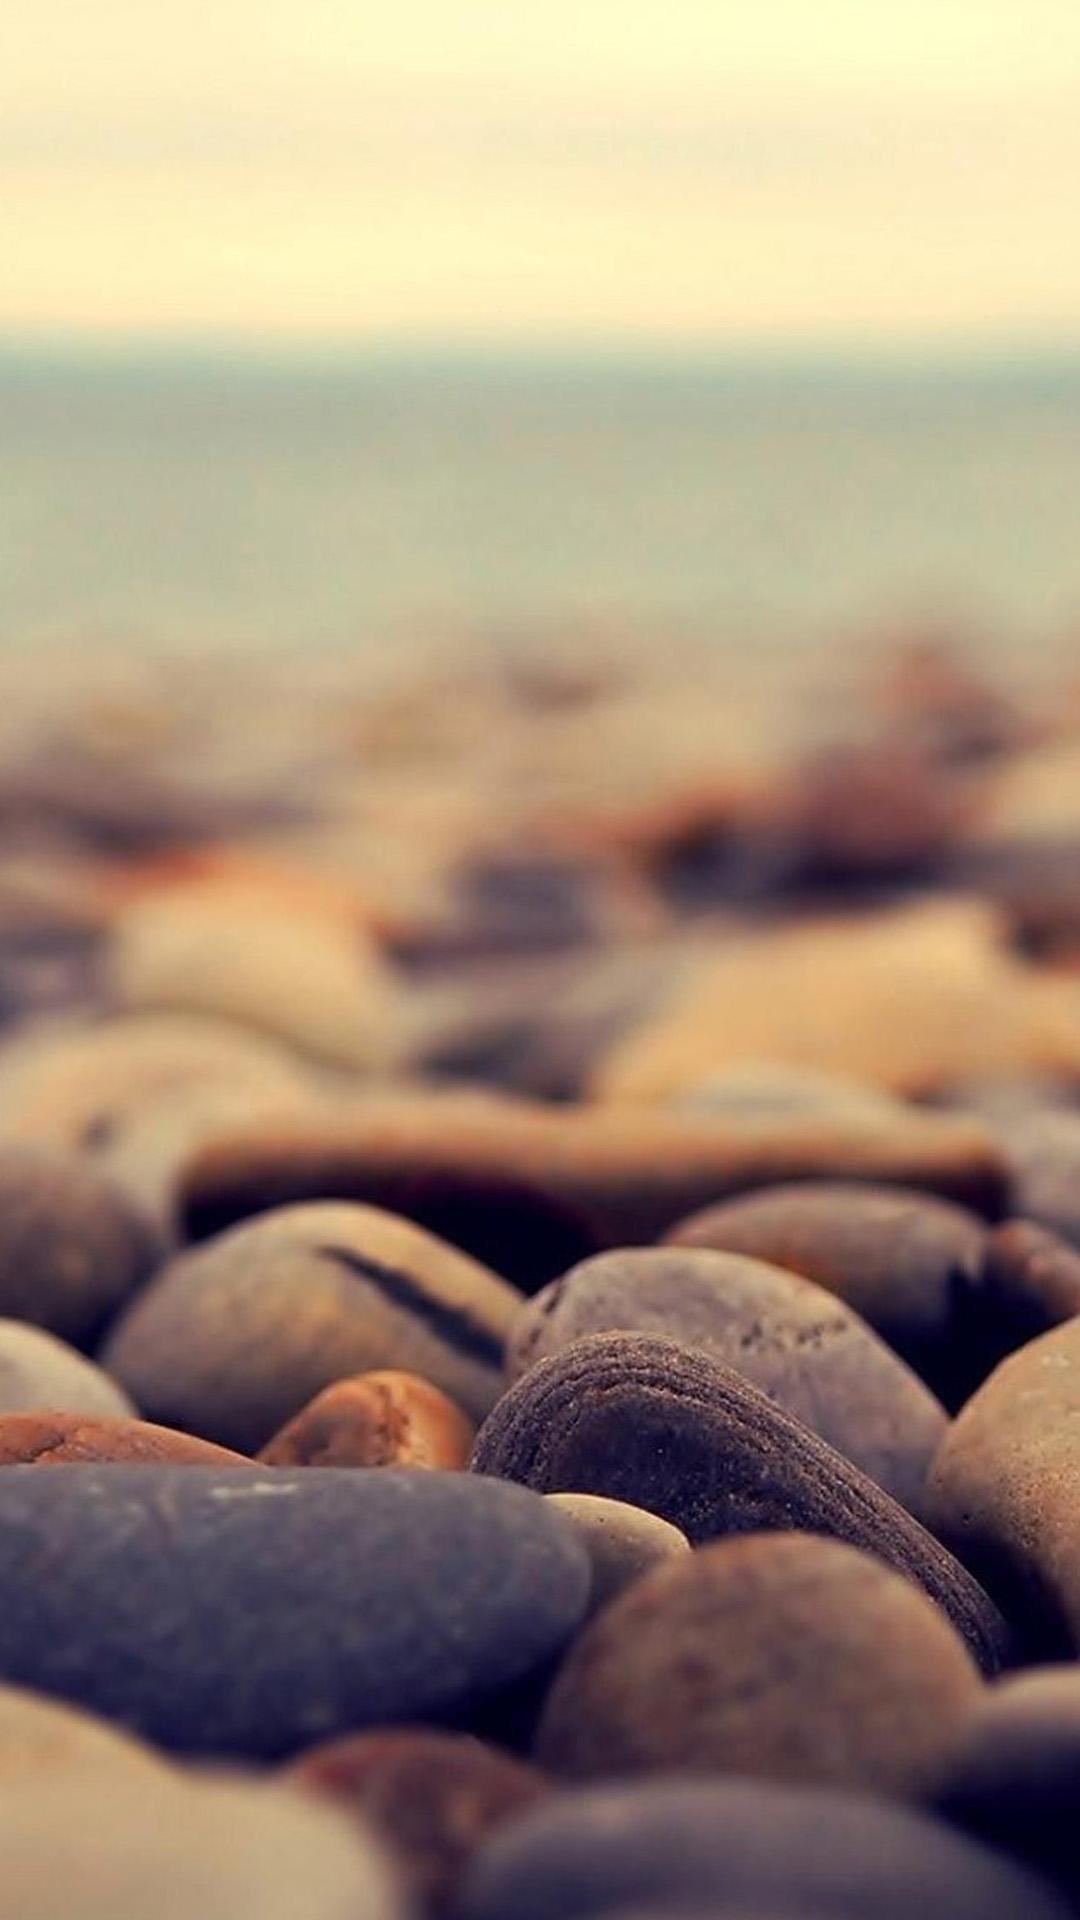 Ocean Rocks Wallpaper iPhone 6 Plus preview 1080x1920